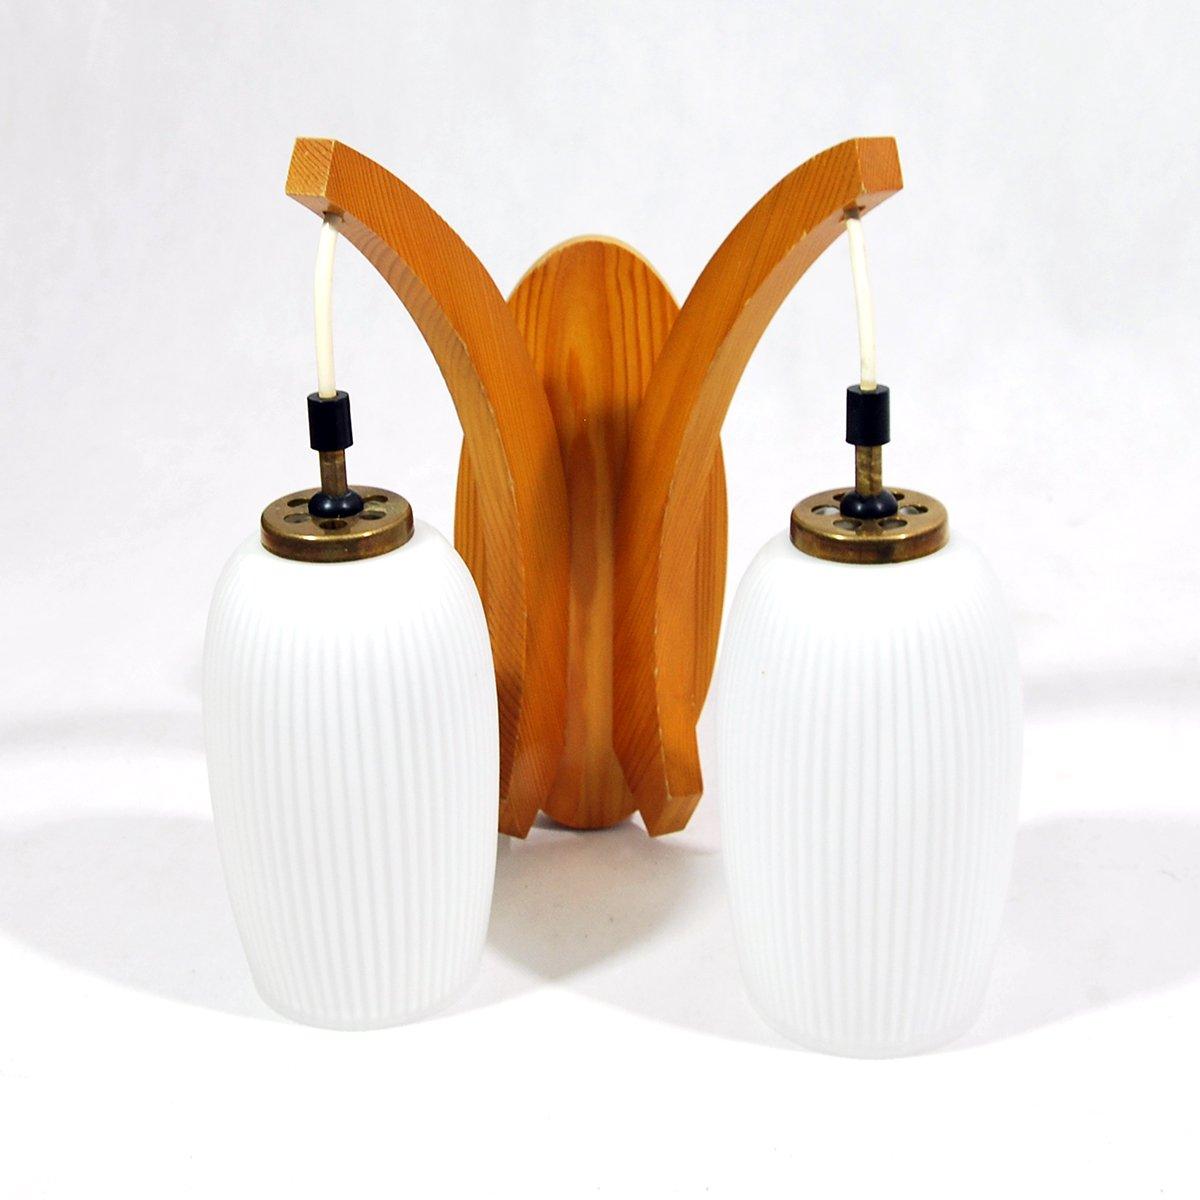 Wandlampe von Elektrotechniczna Spó?dzielnia Inwalidów, 1970er